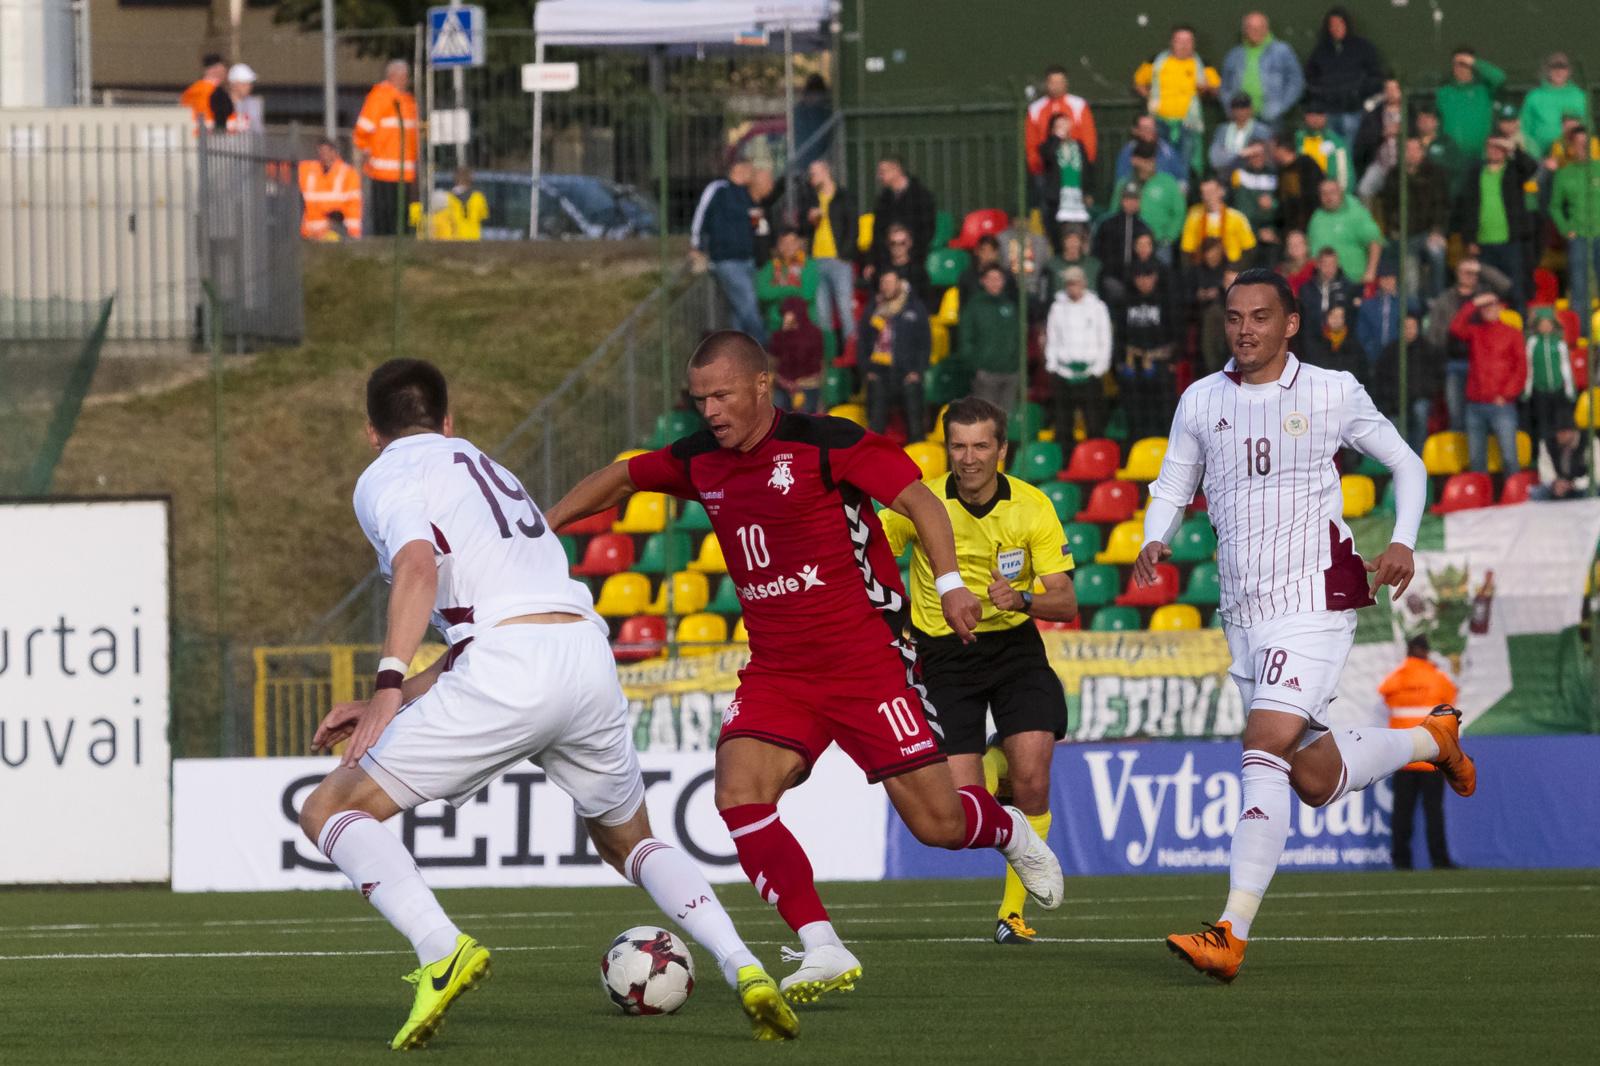 Lietuvoje uždegta žalia šviesa tarptautinėms sporto varžyboms